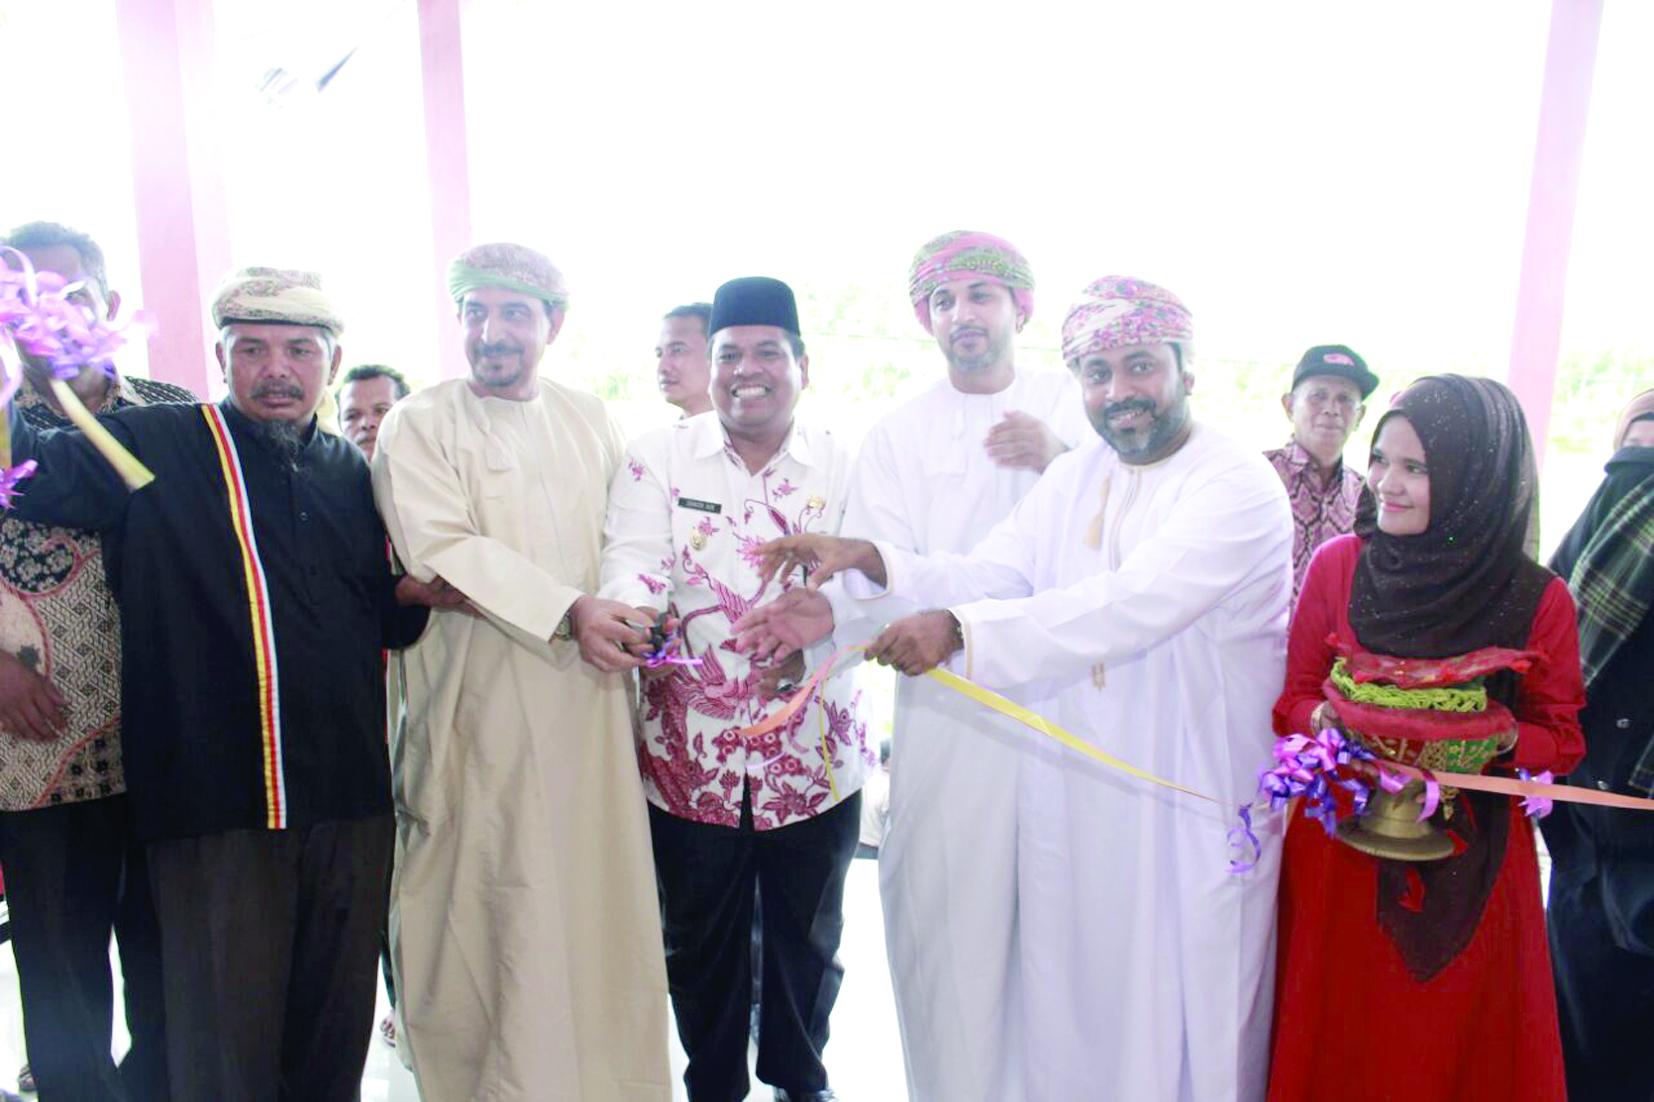 افتتاح القرية العمانية فيغرب سومطرة بإندونيسيا